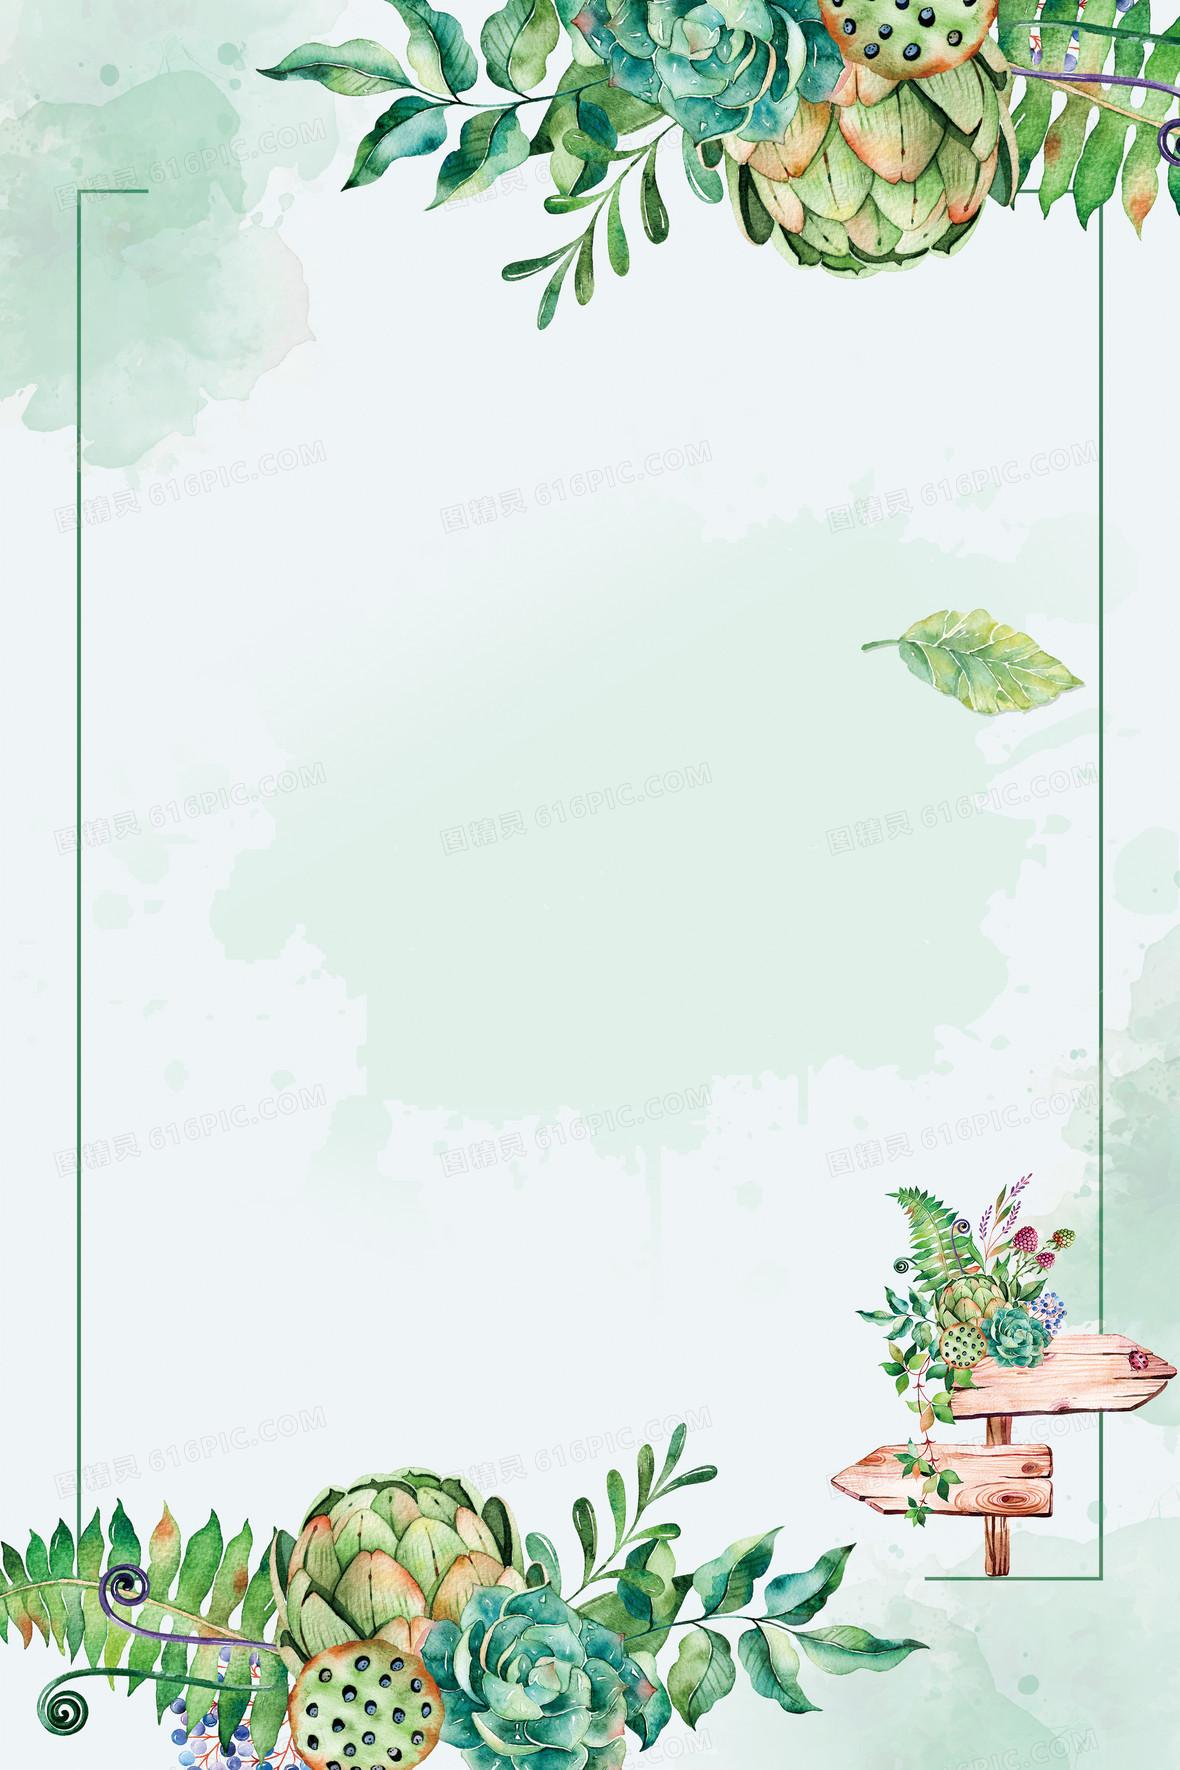 创意简约红酒海报背景素材